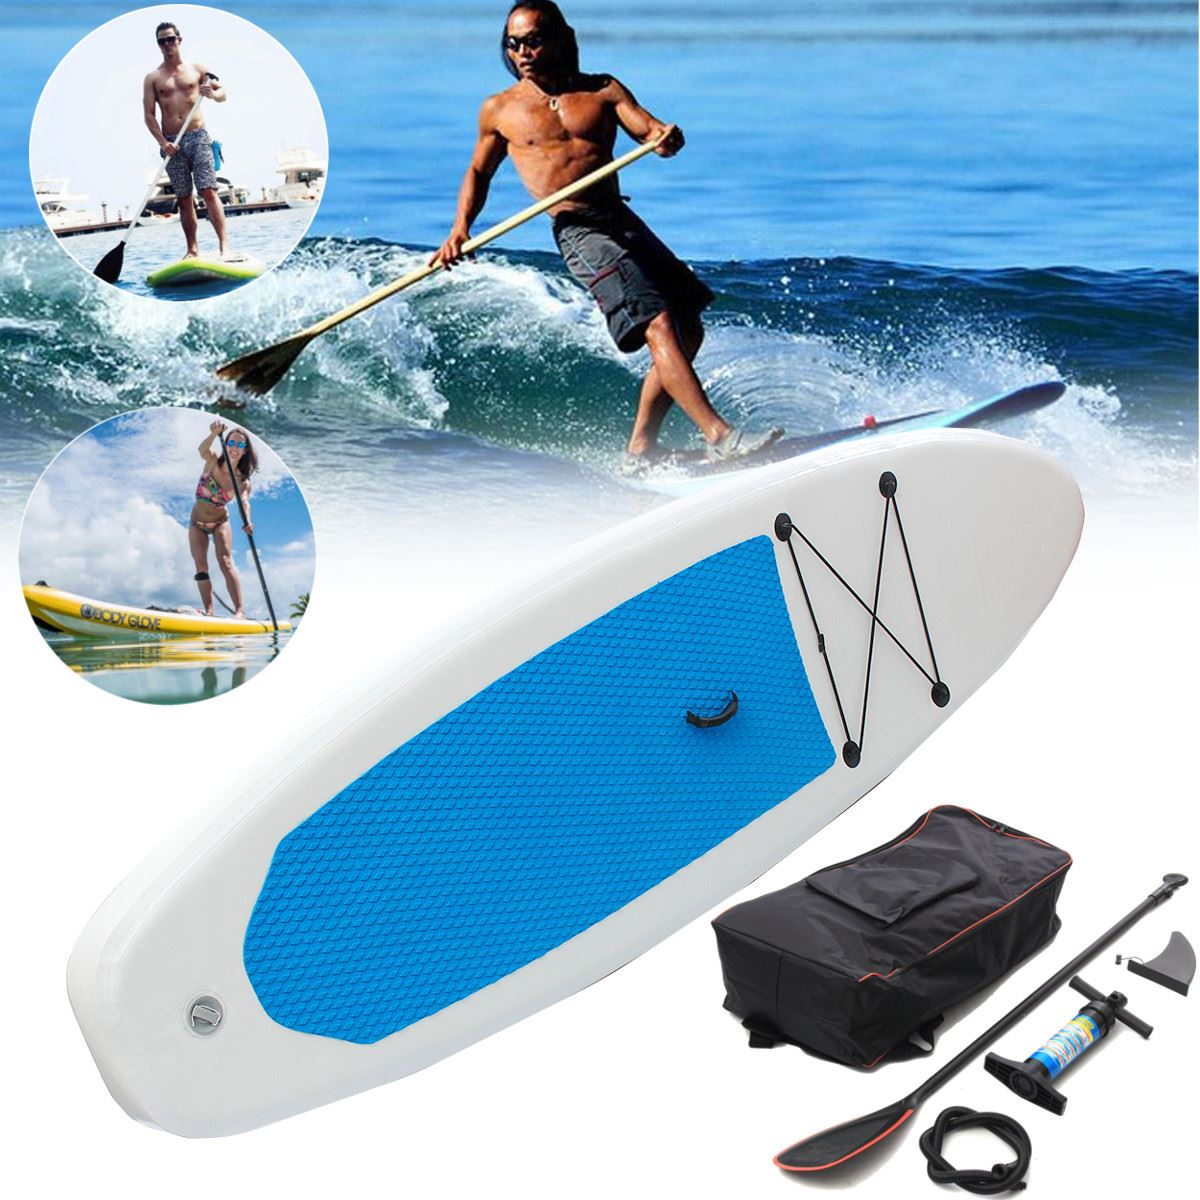 Gofun 122x27x4 Polegadas Stand Up Paddle Prancha Inflável Conjunto Cavaleiro da Onda + Bomba inflável prancha de surf bordo SUP remo de barco